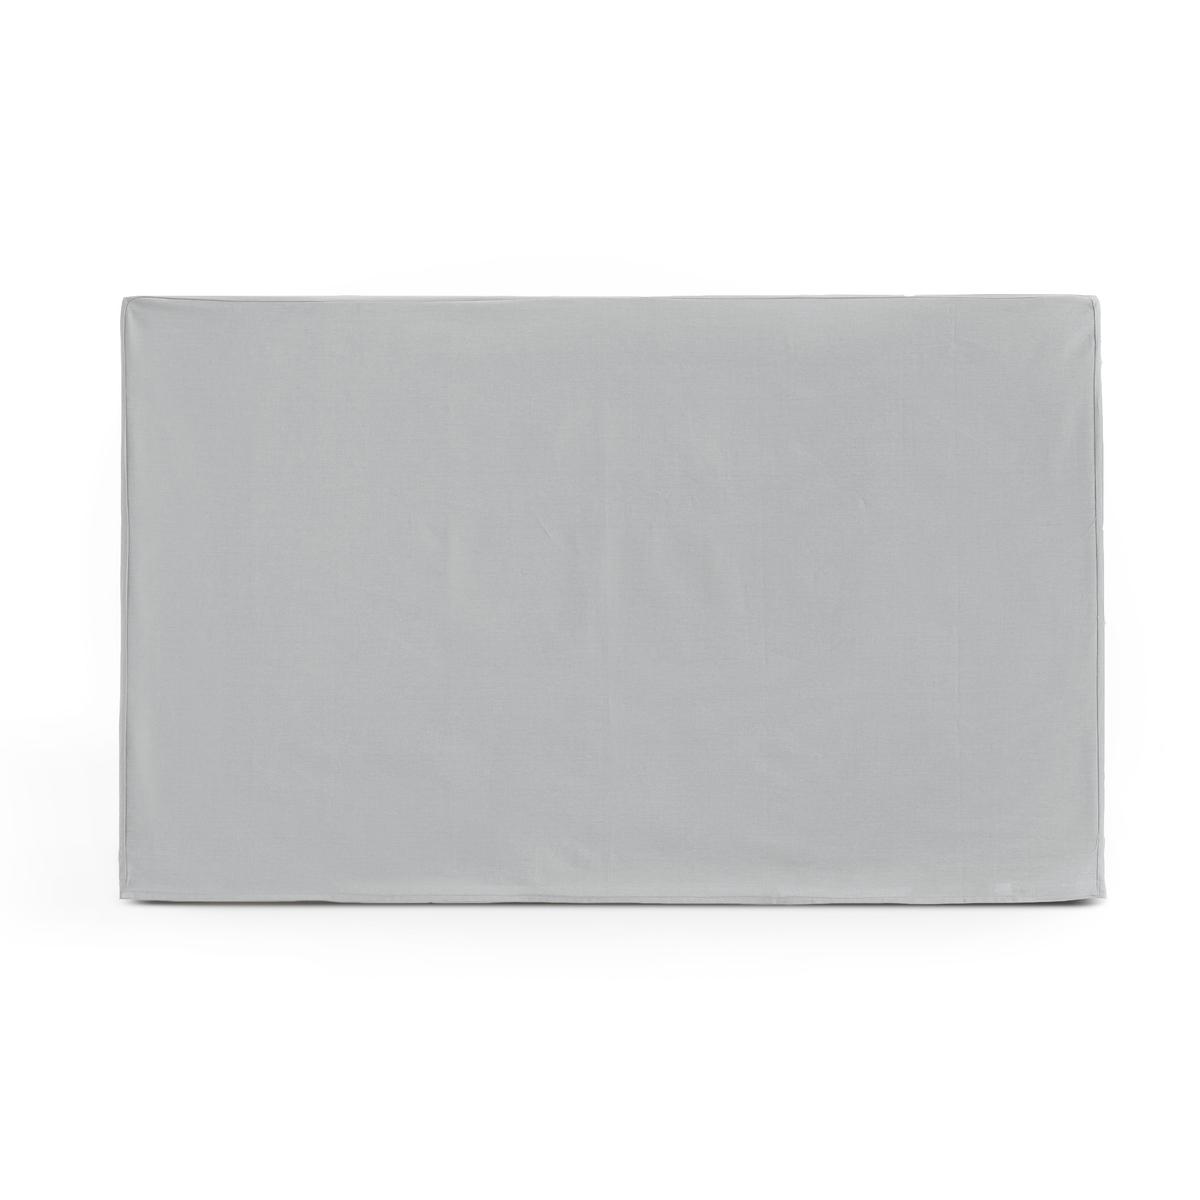 Чехол LaRedoute Для изголовья кровати прямоугольной формы из хлопка SCENARIO 90 x 85 см серый